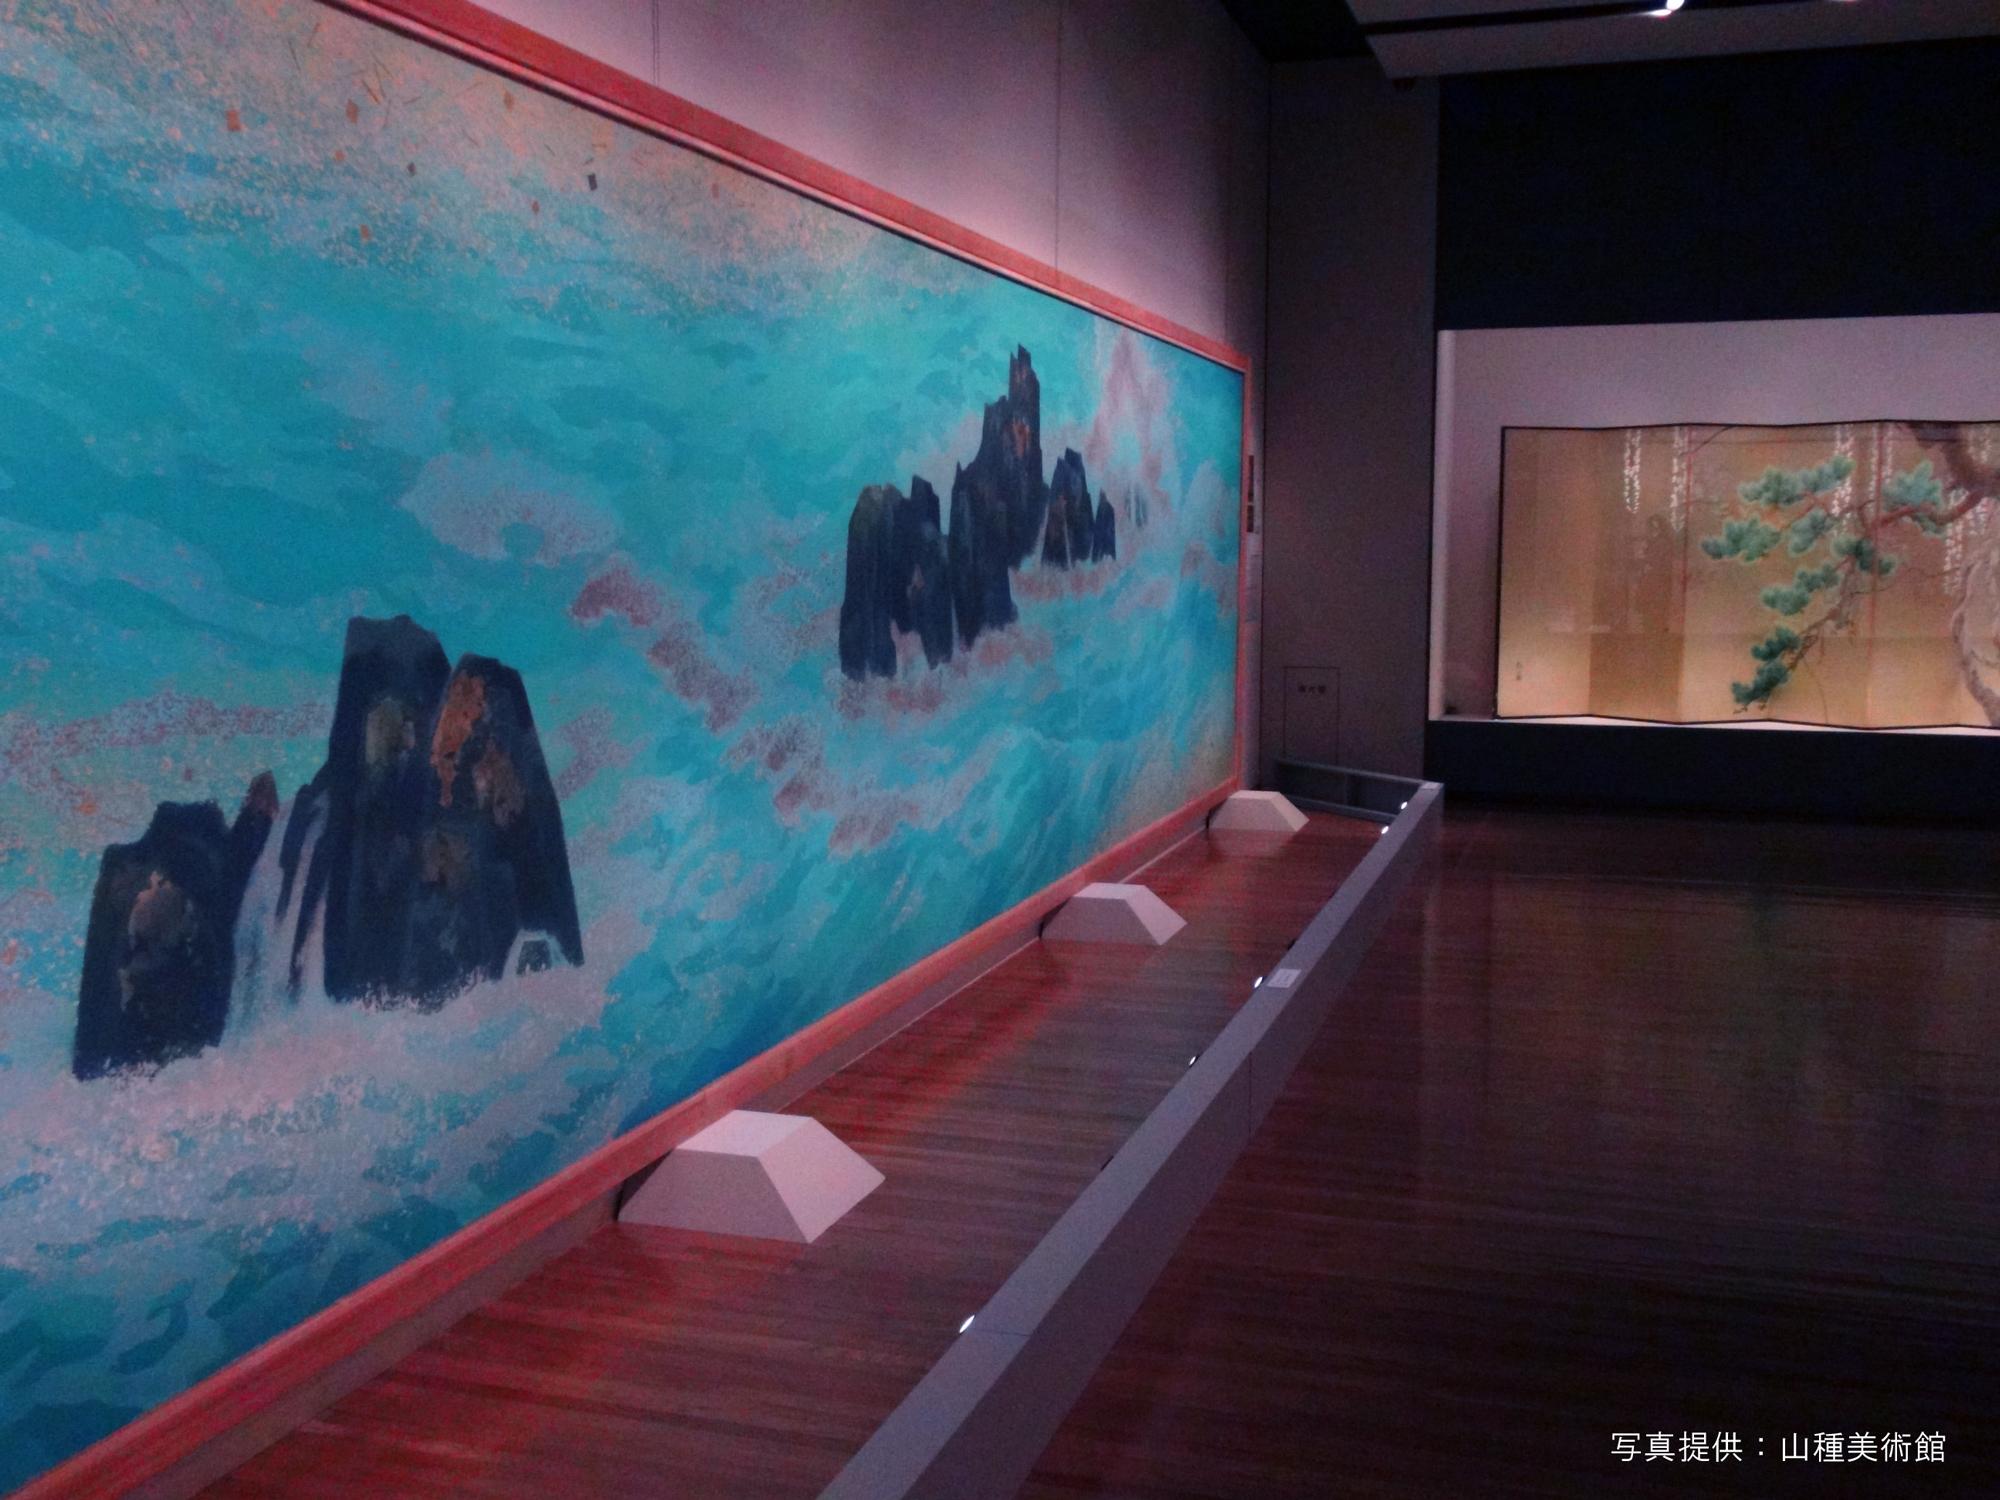 左 東山魁夷《満ち来る潮》山種美術館 鑑賞する角度によって箔のきらめきが海の表情を変える。